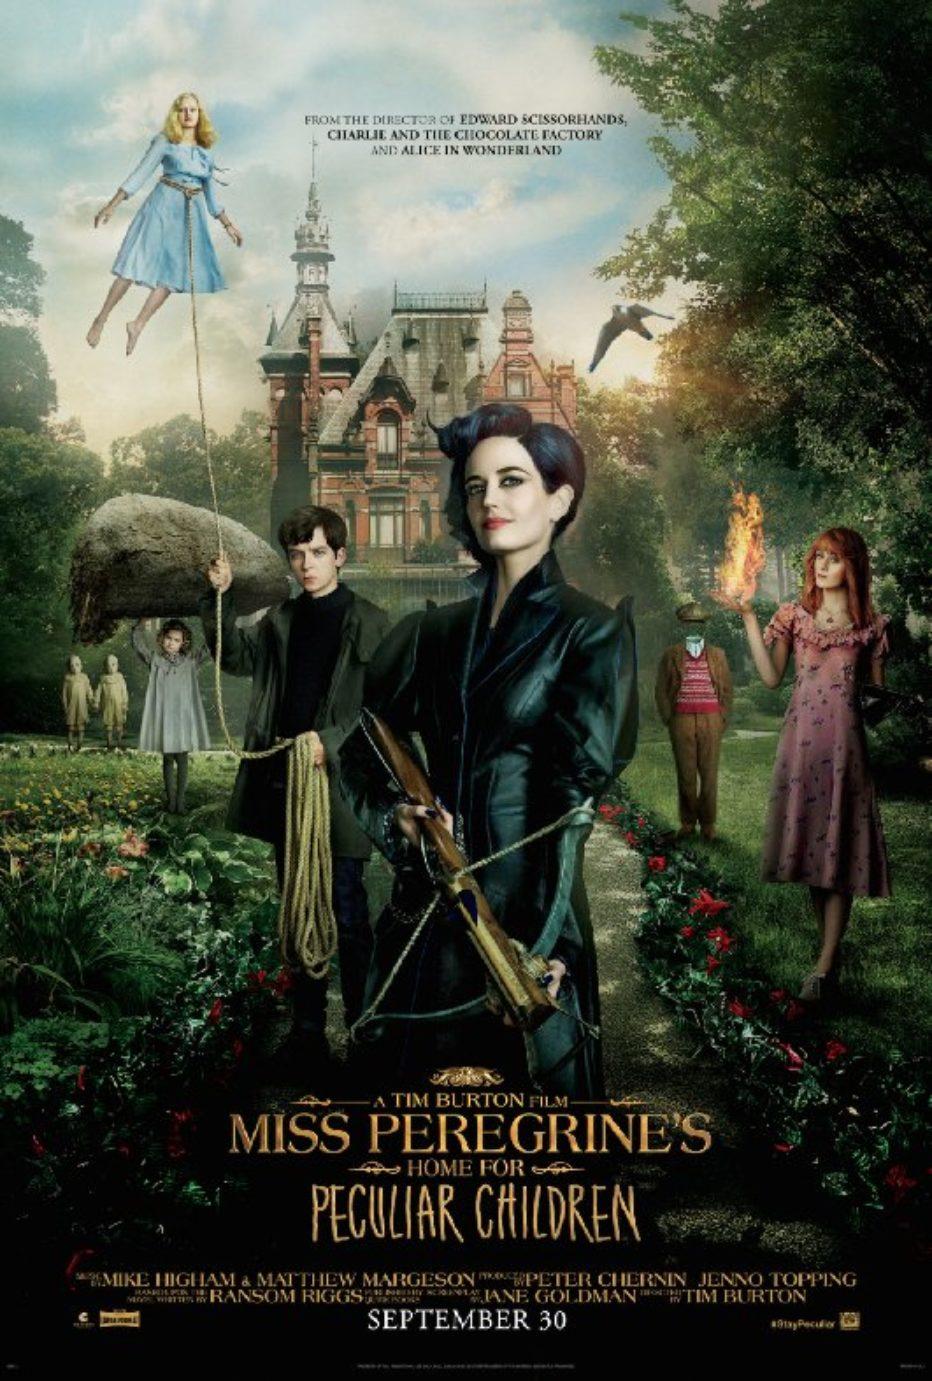 Primer trailer de El hogar de Miss Peregrine para niños peculiares